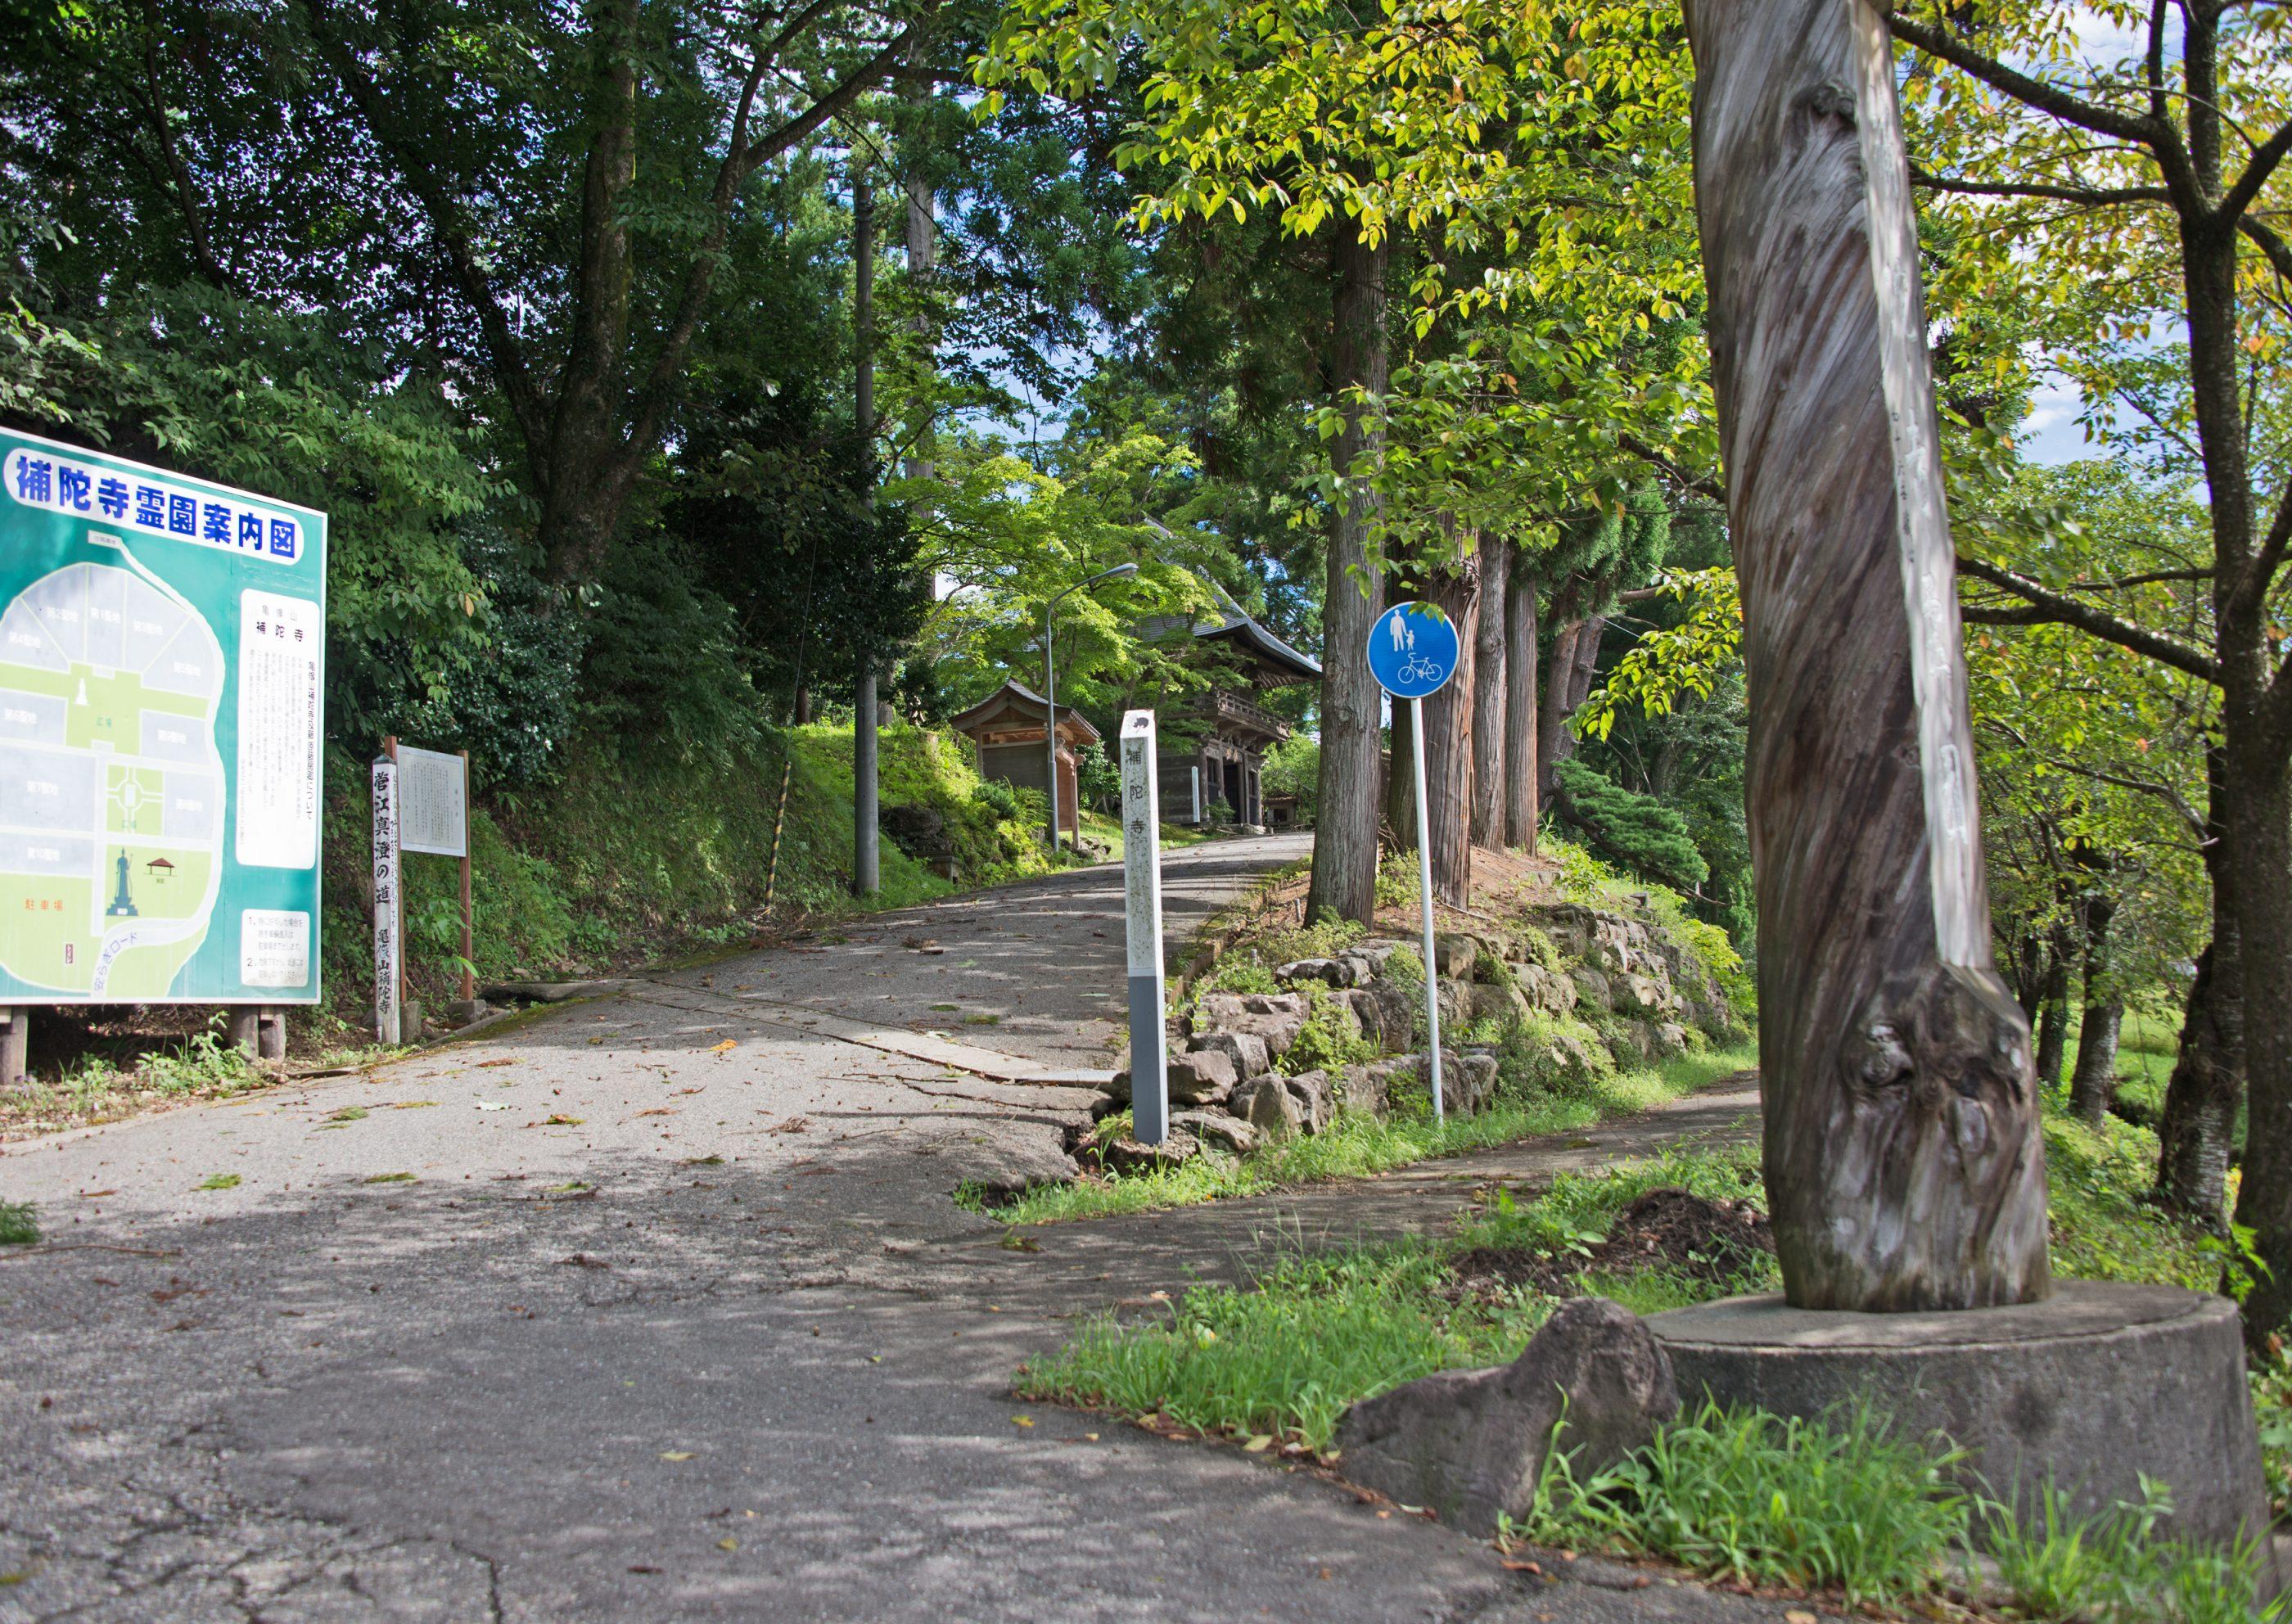 ⇑ 補陀寺 曹洞宗の中本山とか! 開山700年近い、この辺では珍しい。